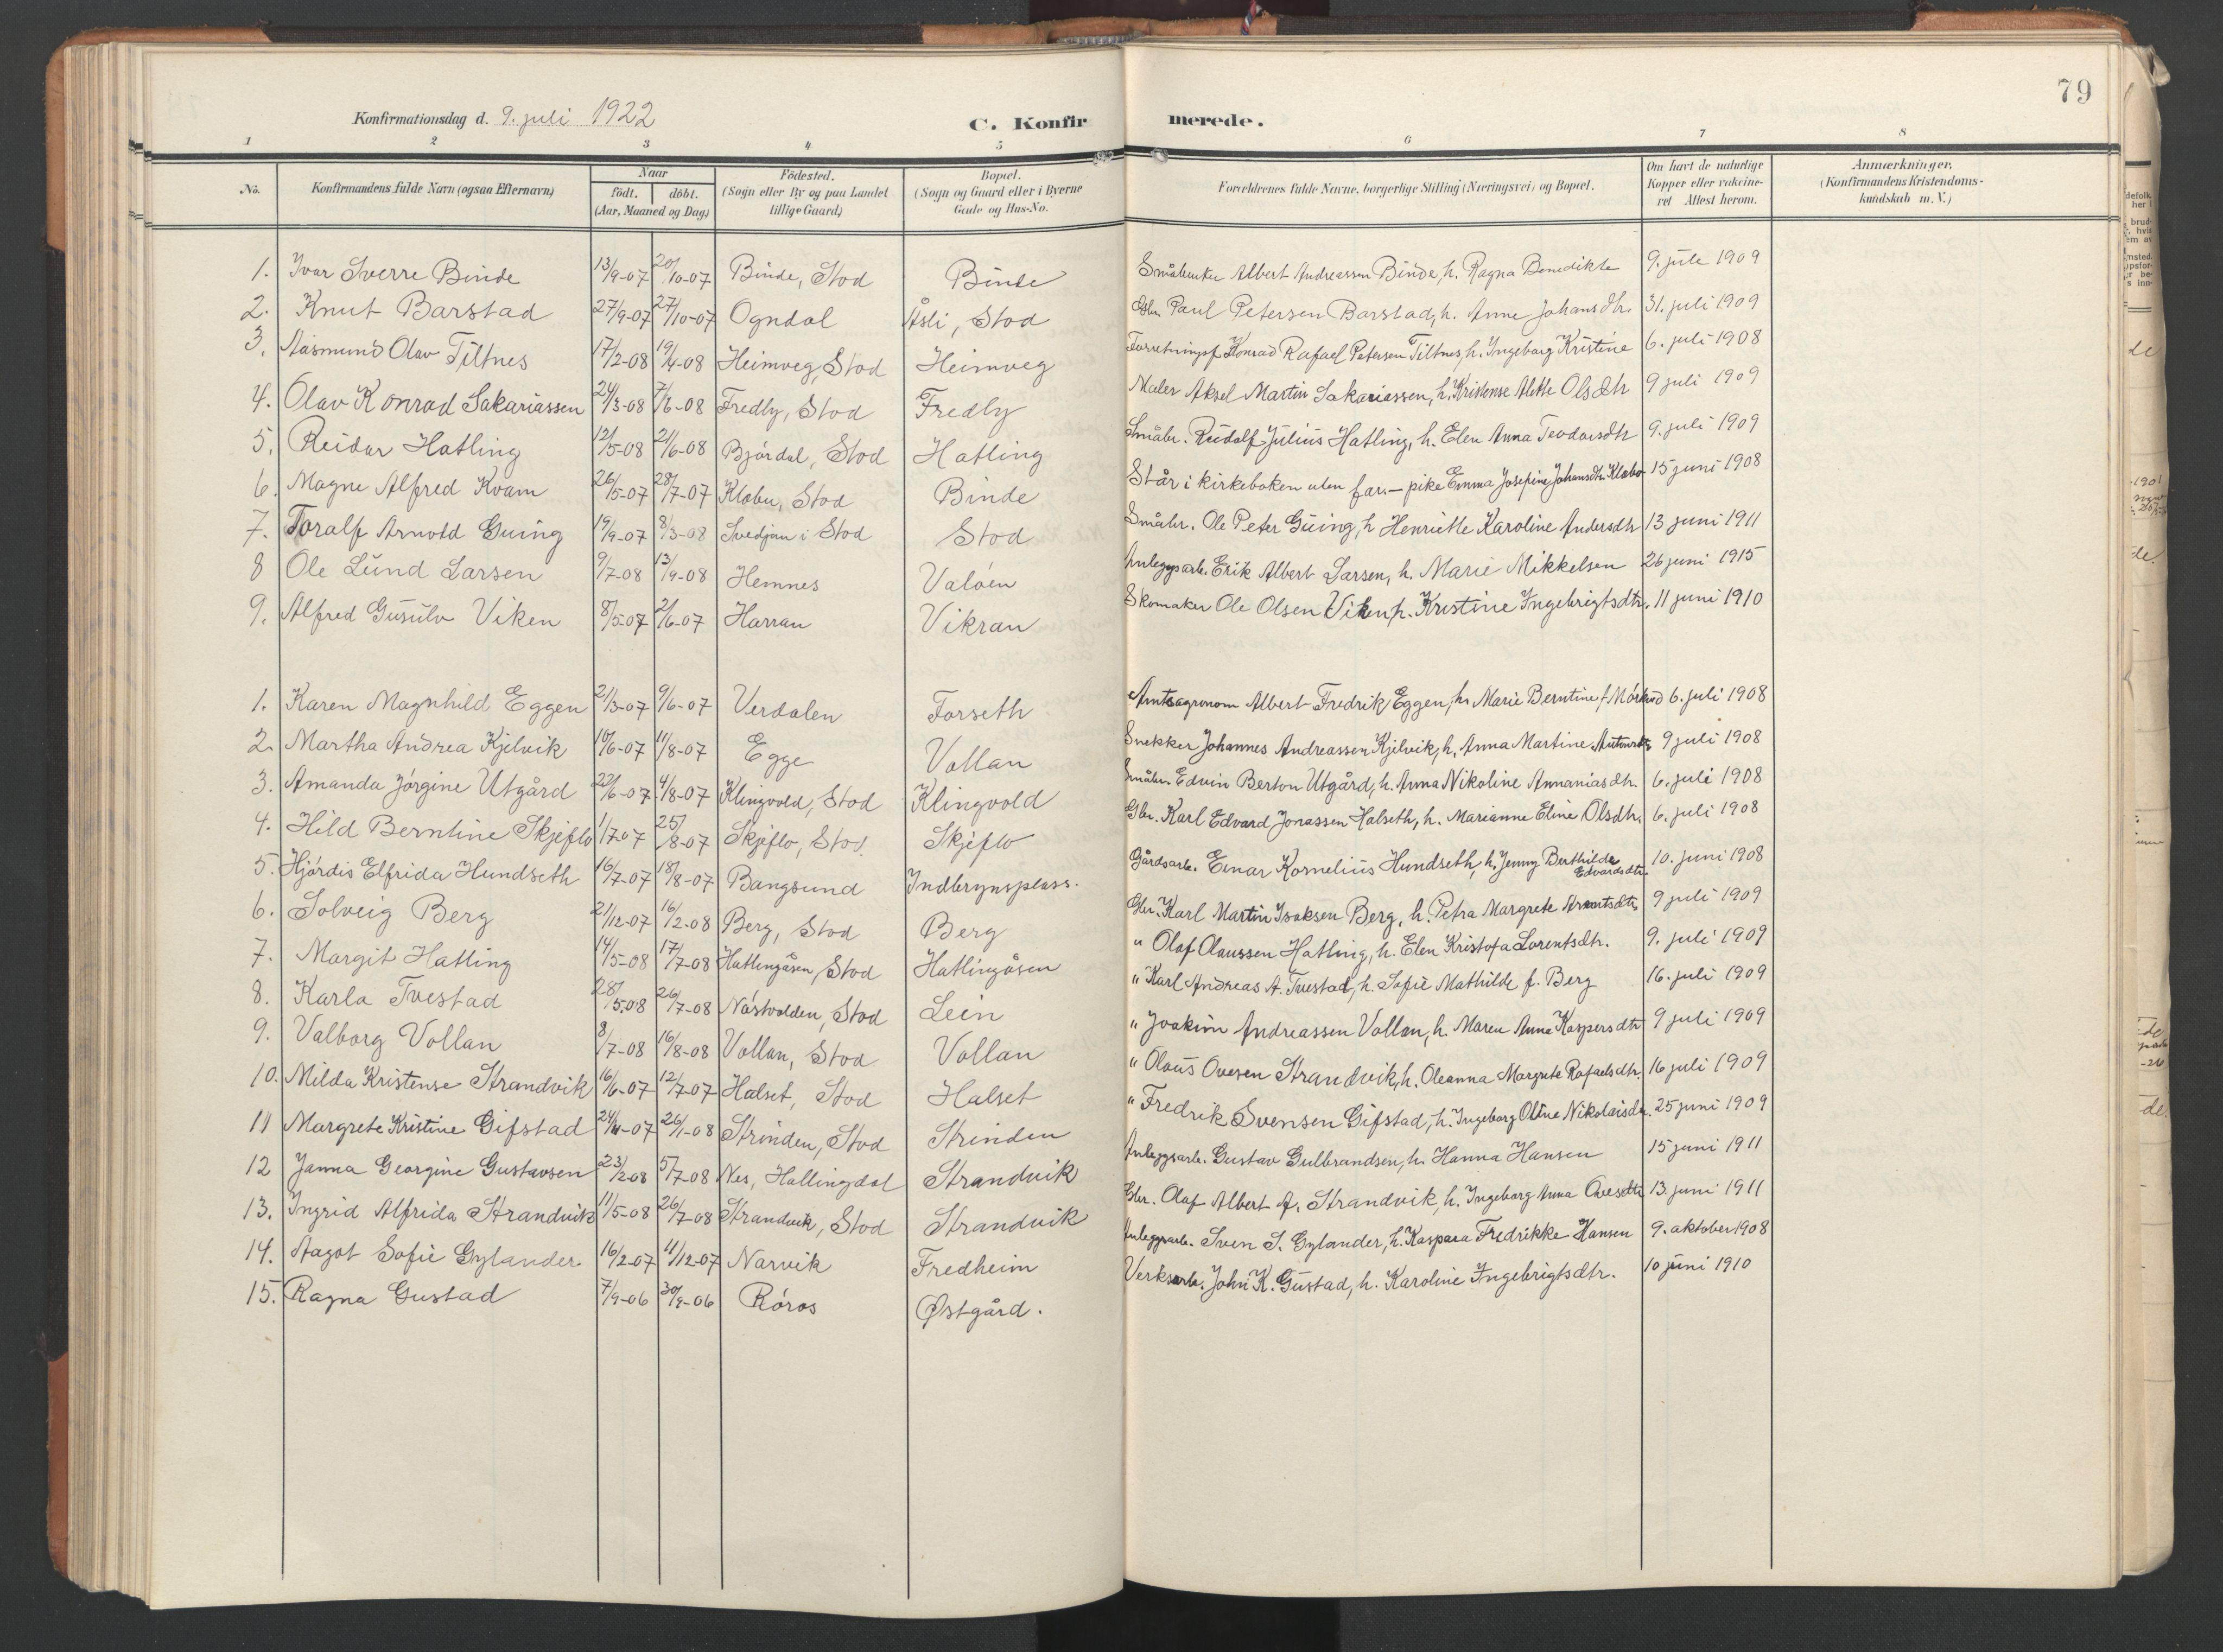 SAT, Ministerialprotokoller, klokkerbøker og fødselsregistre - Nord-Trøndelag, 746/L0455: Klokkerbok nr. 746C01, 1908-1933, s. 79